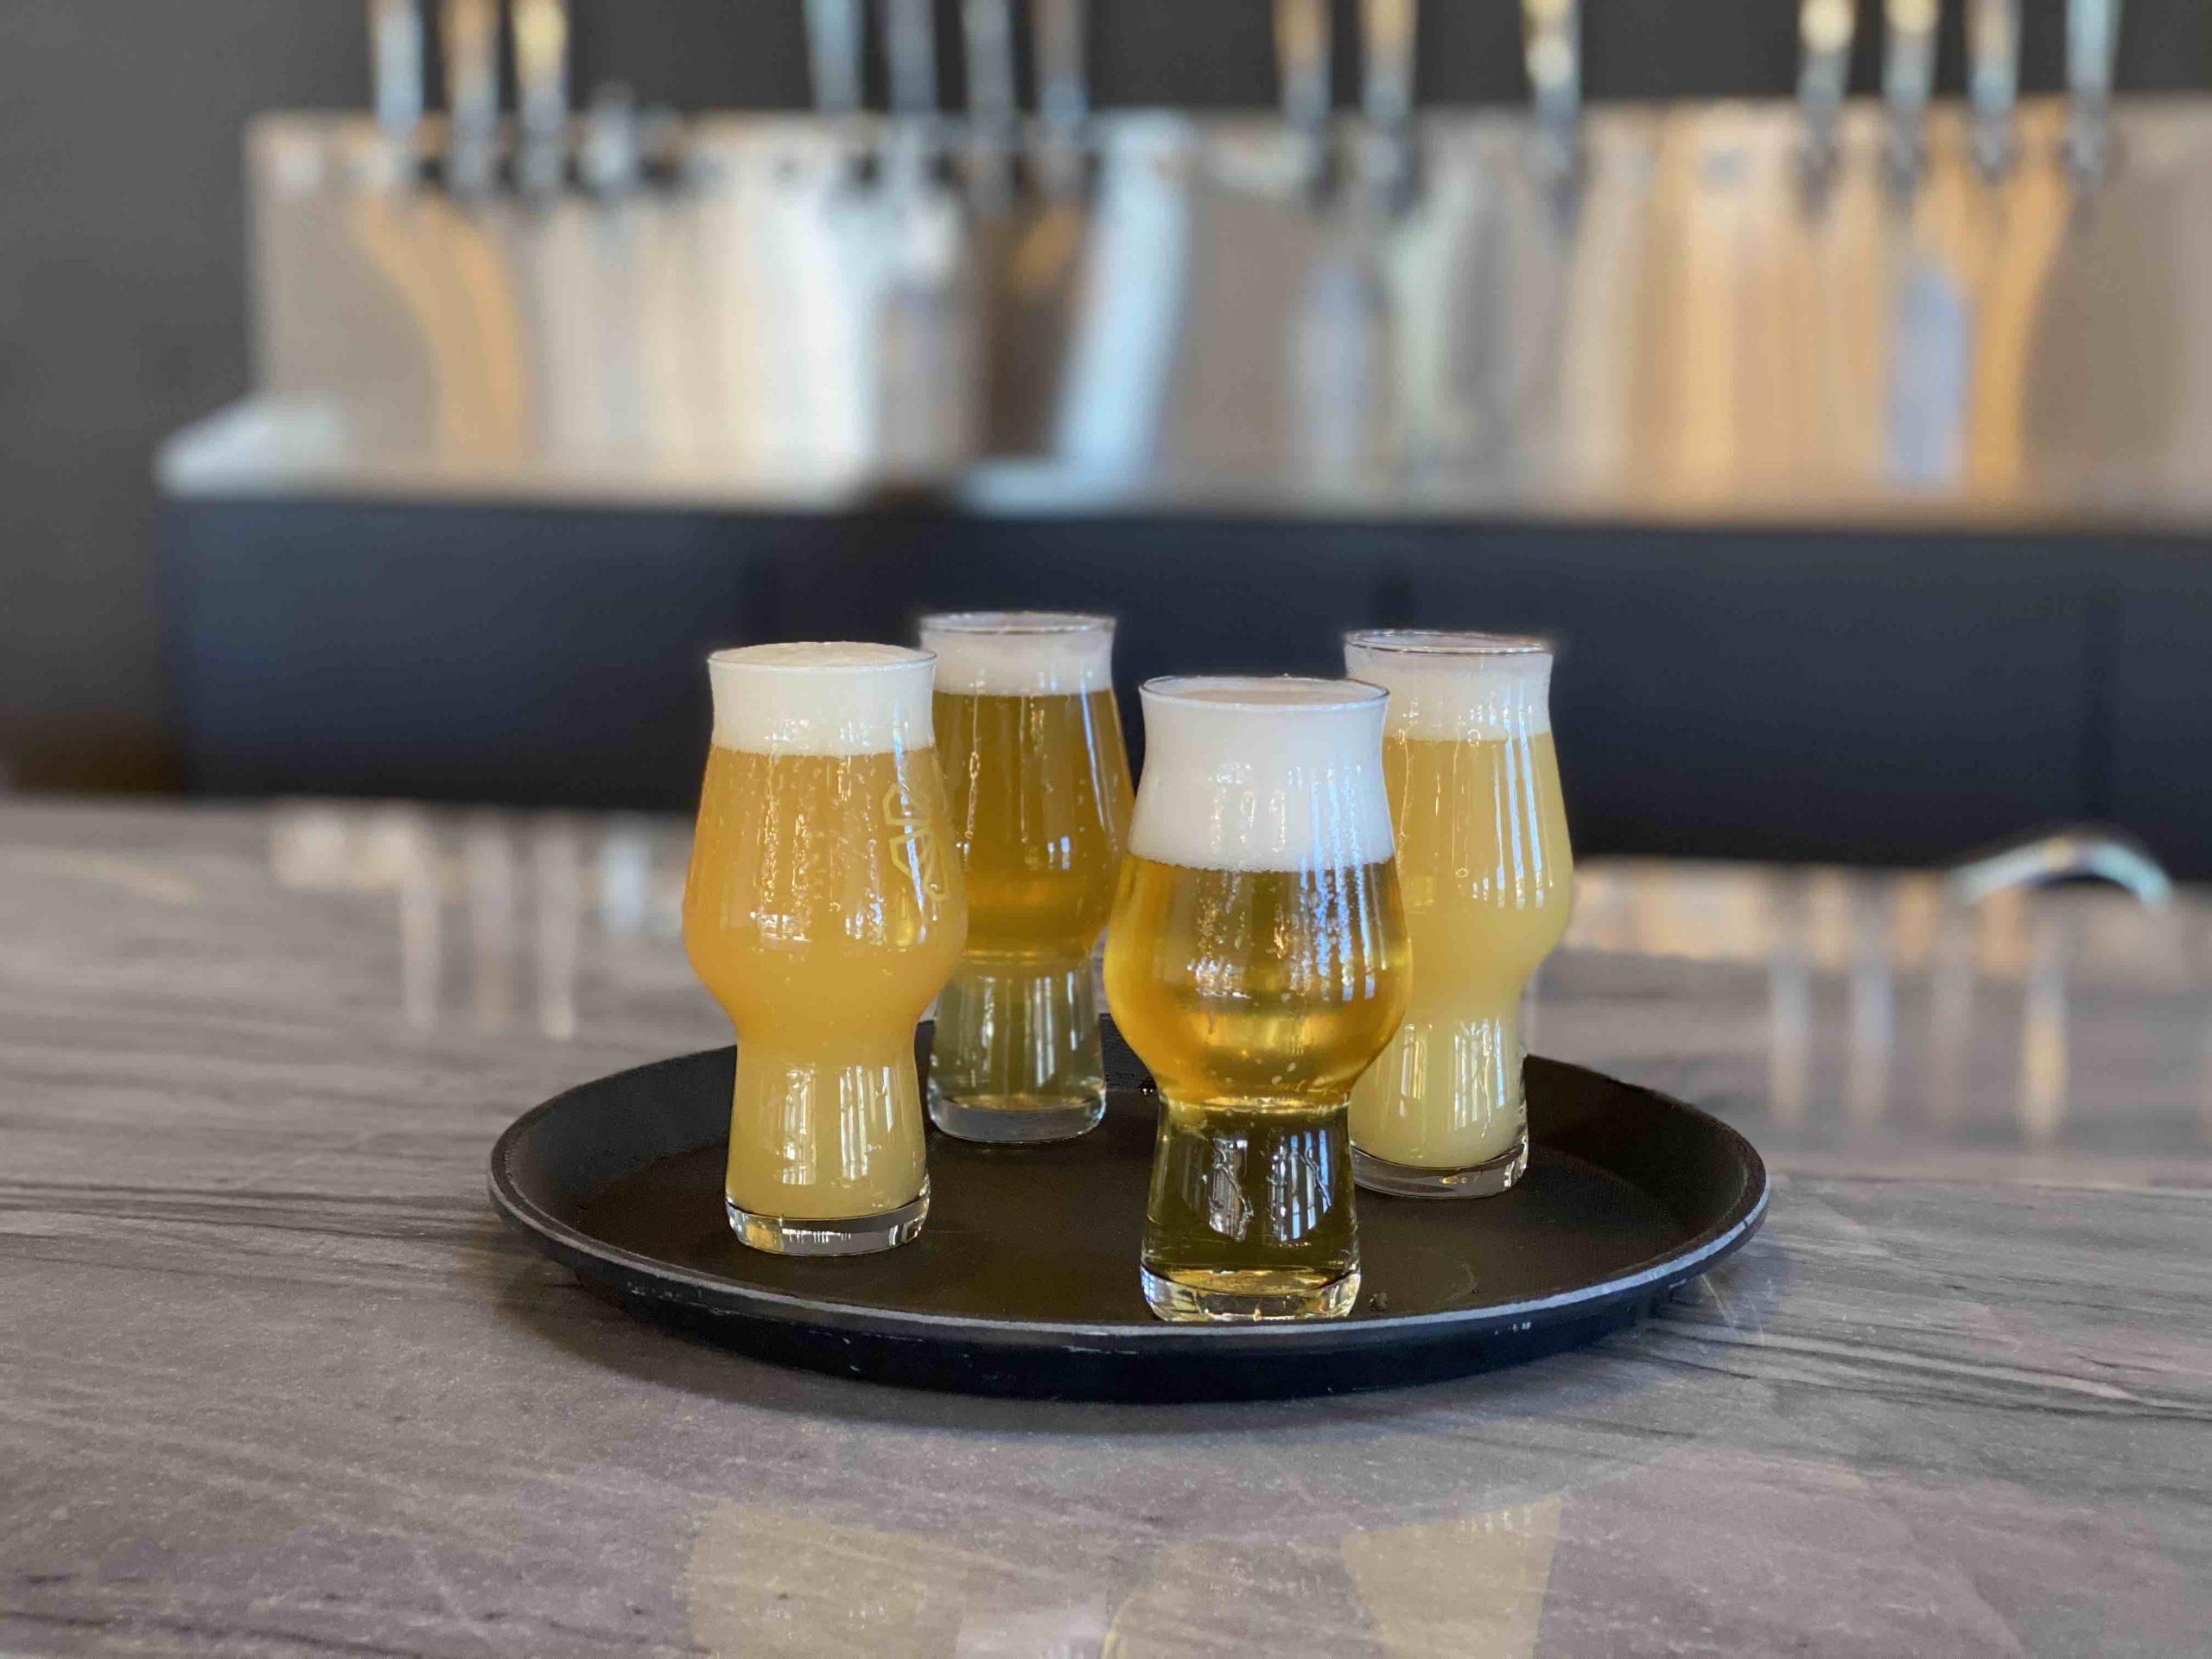 Windsor Breweries